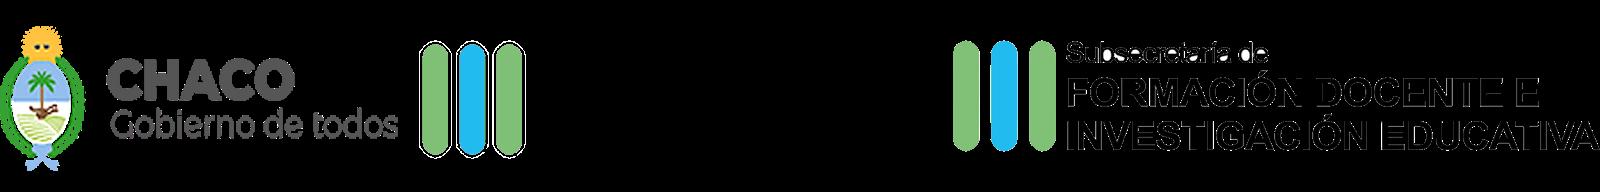 Banner 460x67px